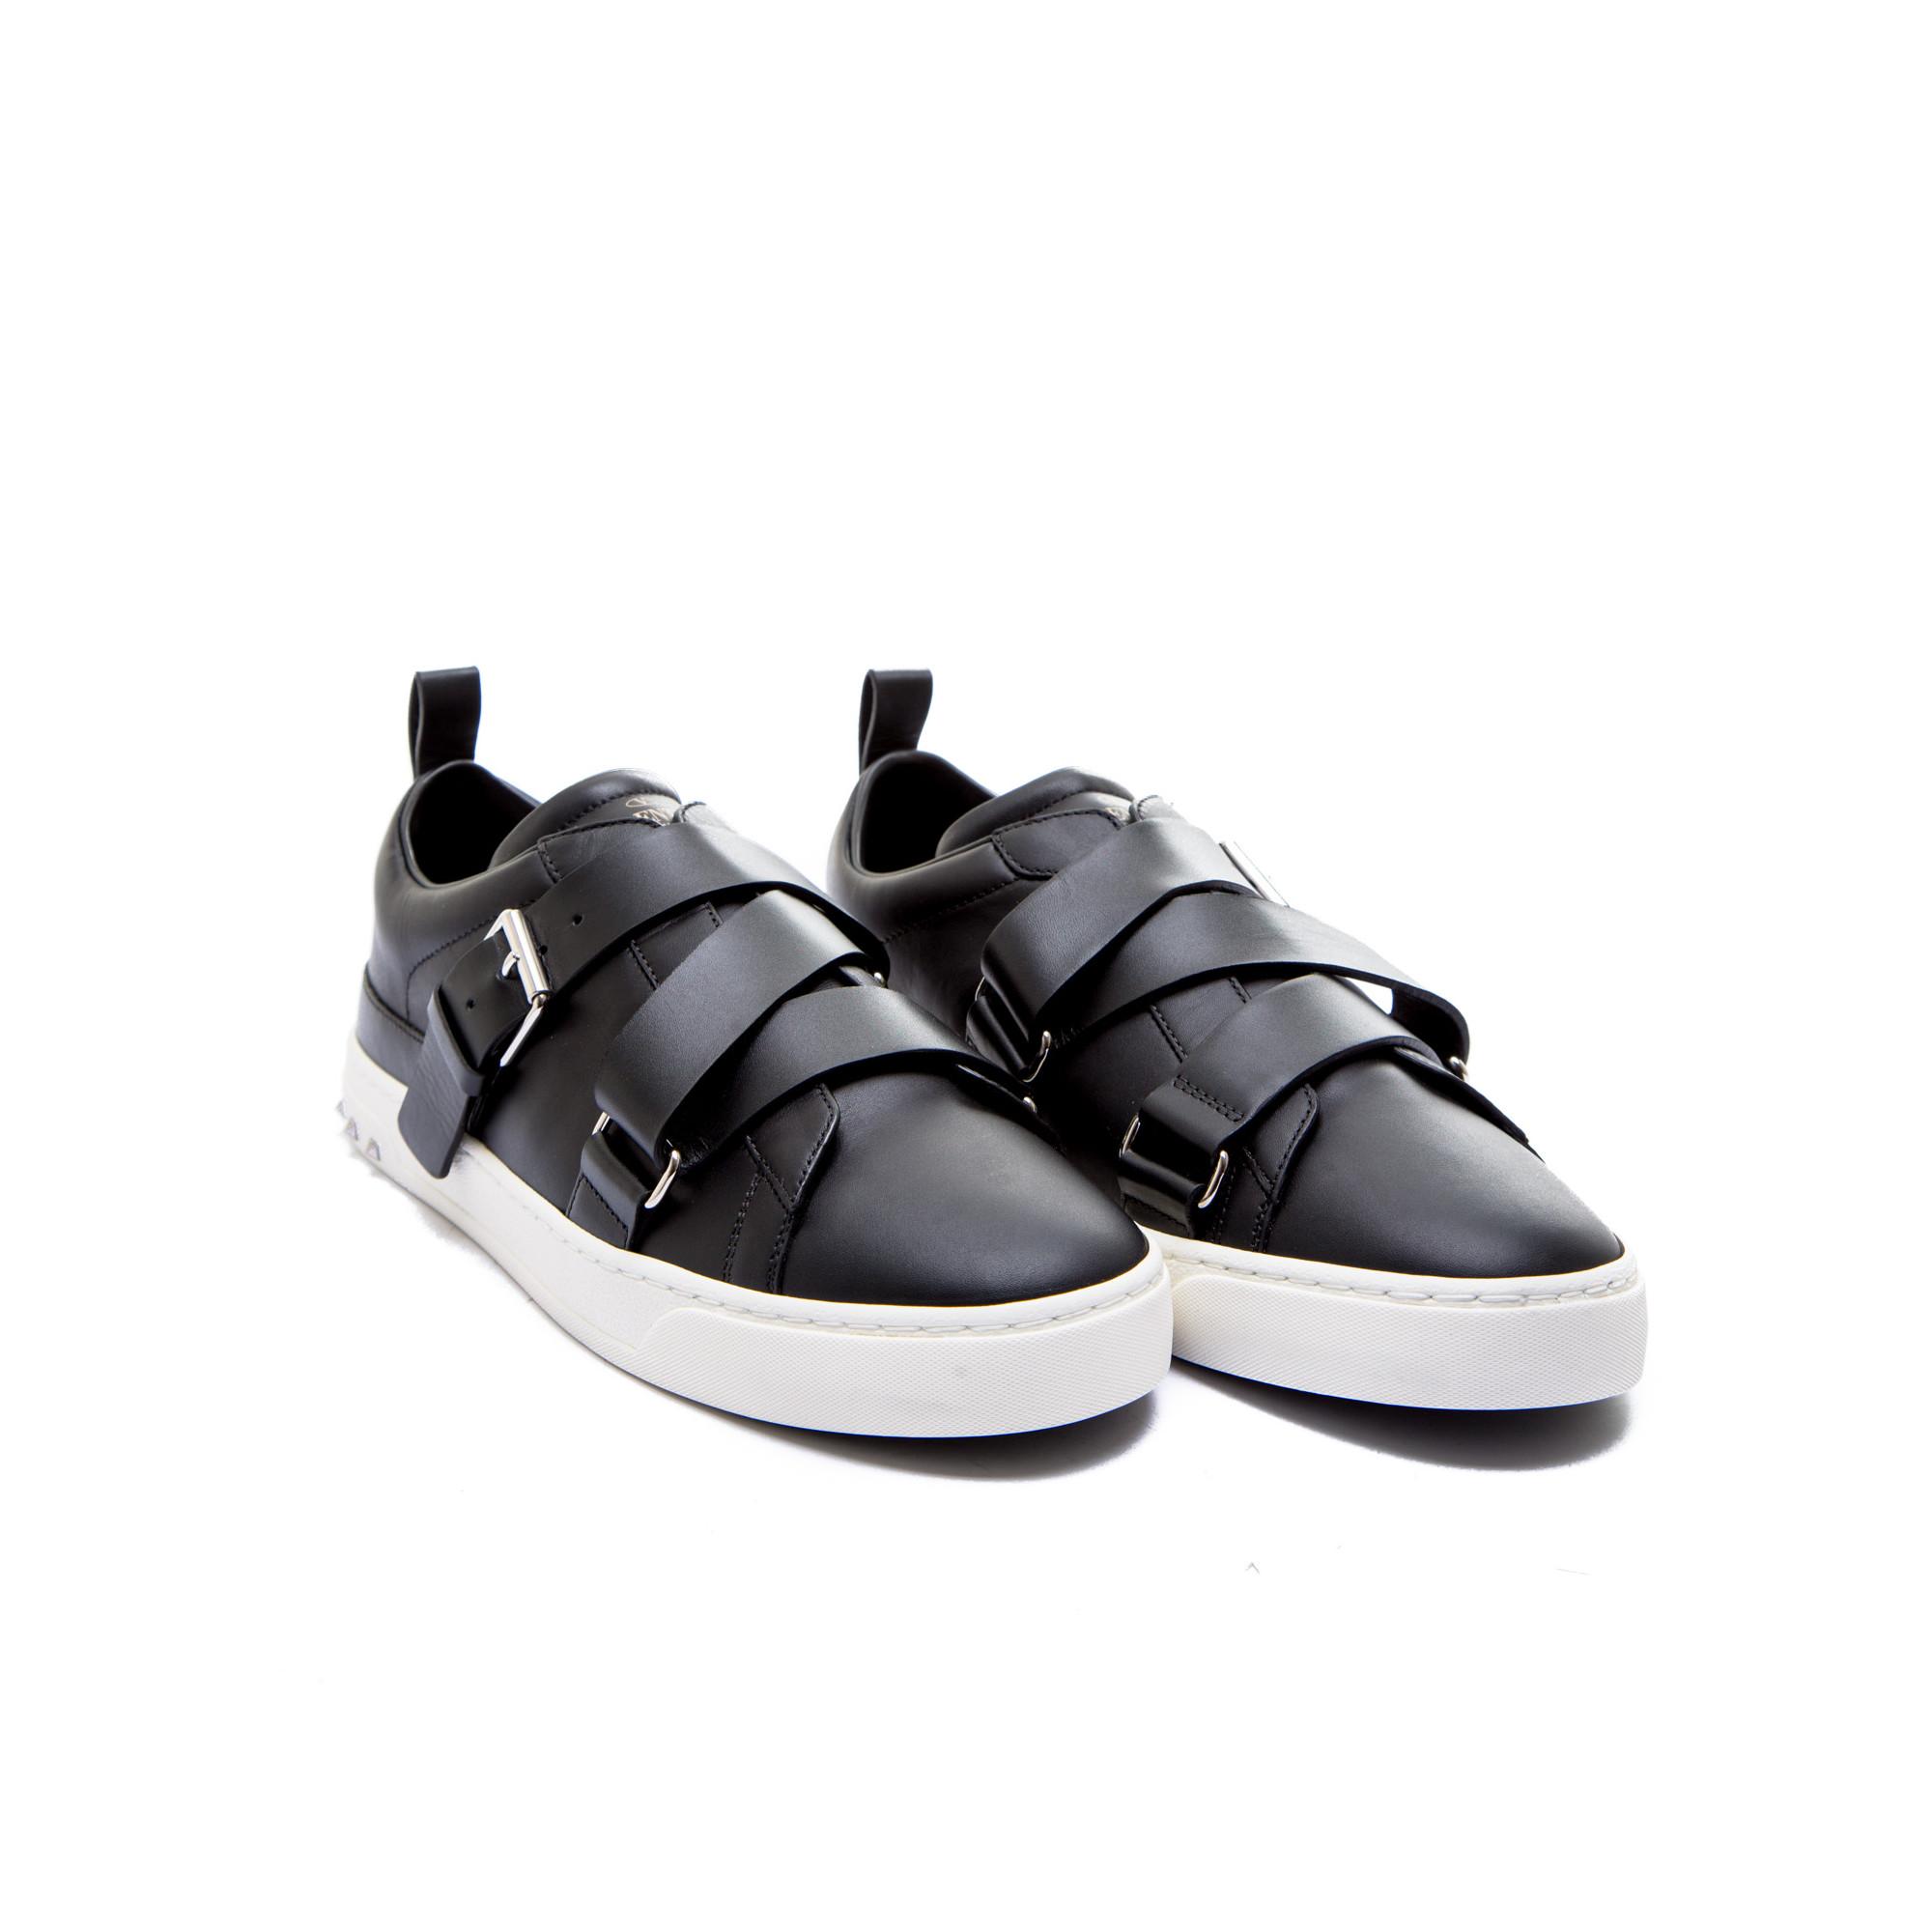 Givenchy Chaussures Noires Avec Des Boucles Pour Les Hommes QLbd81m